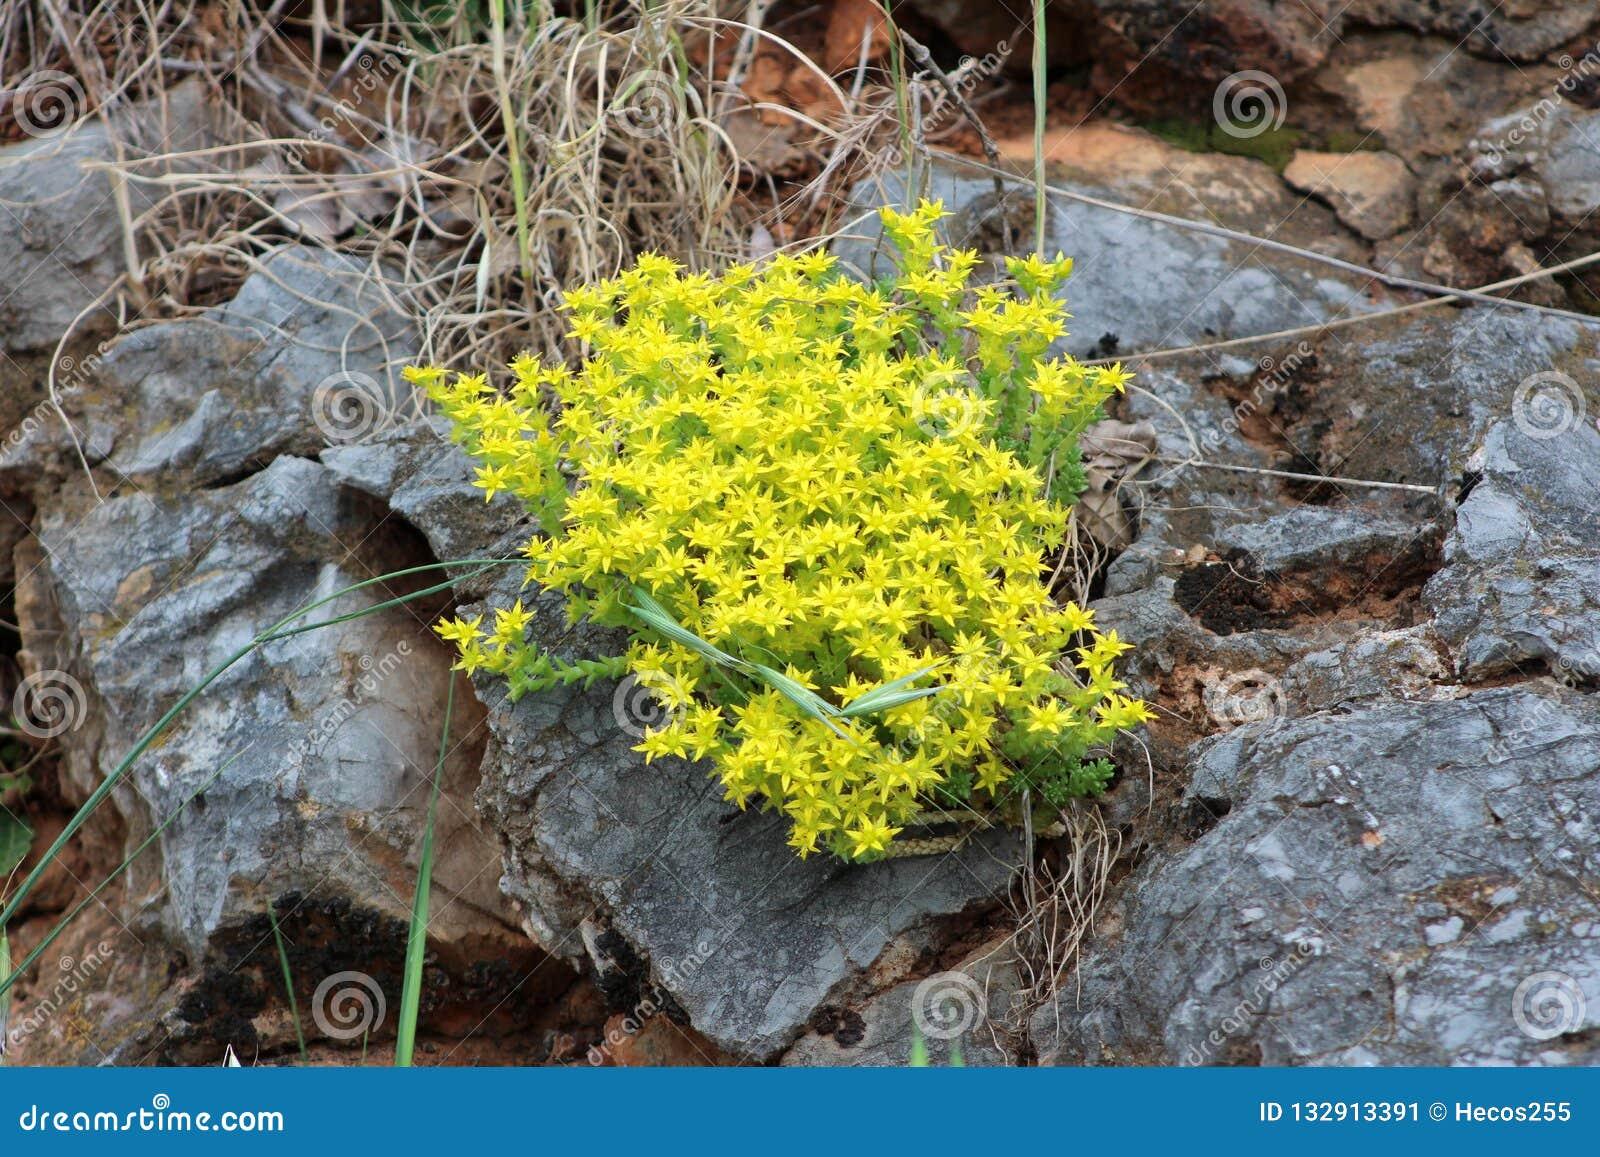 Δαγκώνοντας stonecrop ή αιώνιο ανθίζοντας φυτό στρέμματος Sedum με τα φωτεινά κίτρινα έναστρα λουλούδια που αυξάνονται μεταξύ των